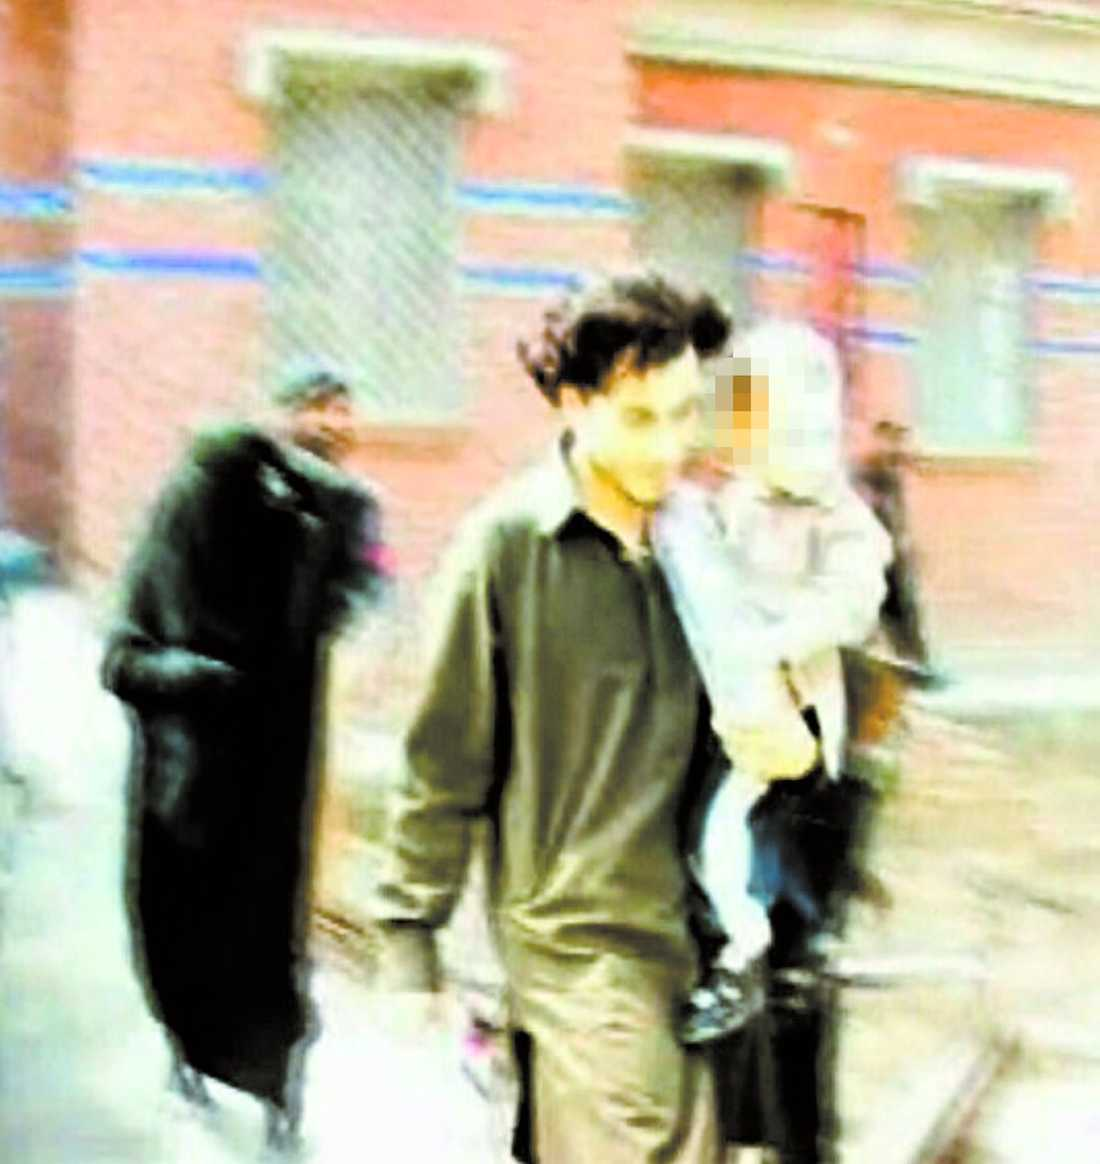 för en vecka sen I förra veckan greps Safia tillsammans med sin man och tvåårige son i Pakistan. Bilden togs av en pakistansk tv-kanal innan gripandet. Safia syns täckt i slöja i bakgrunden och hennes man Awad Munir bär på deras son.